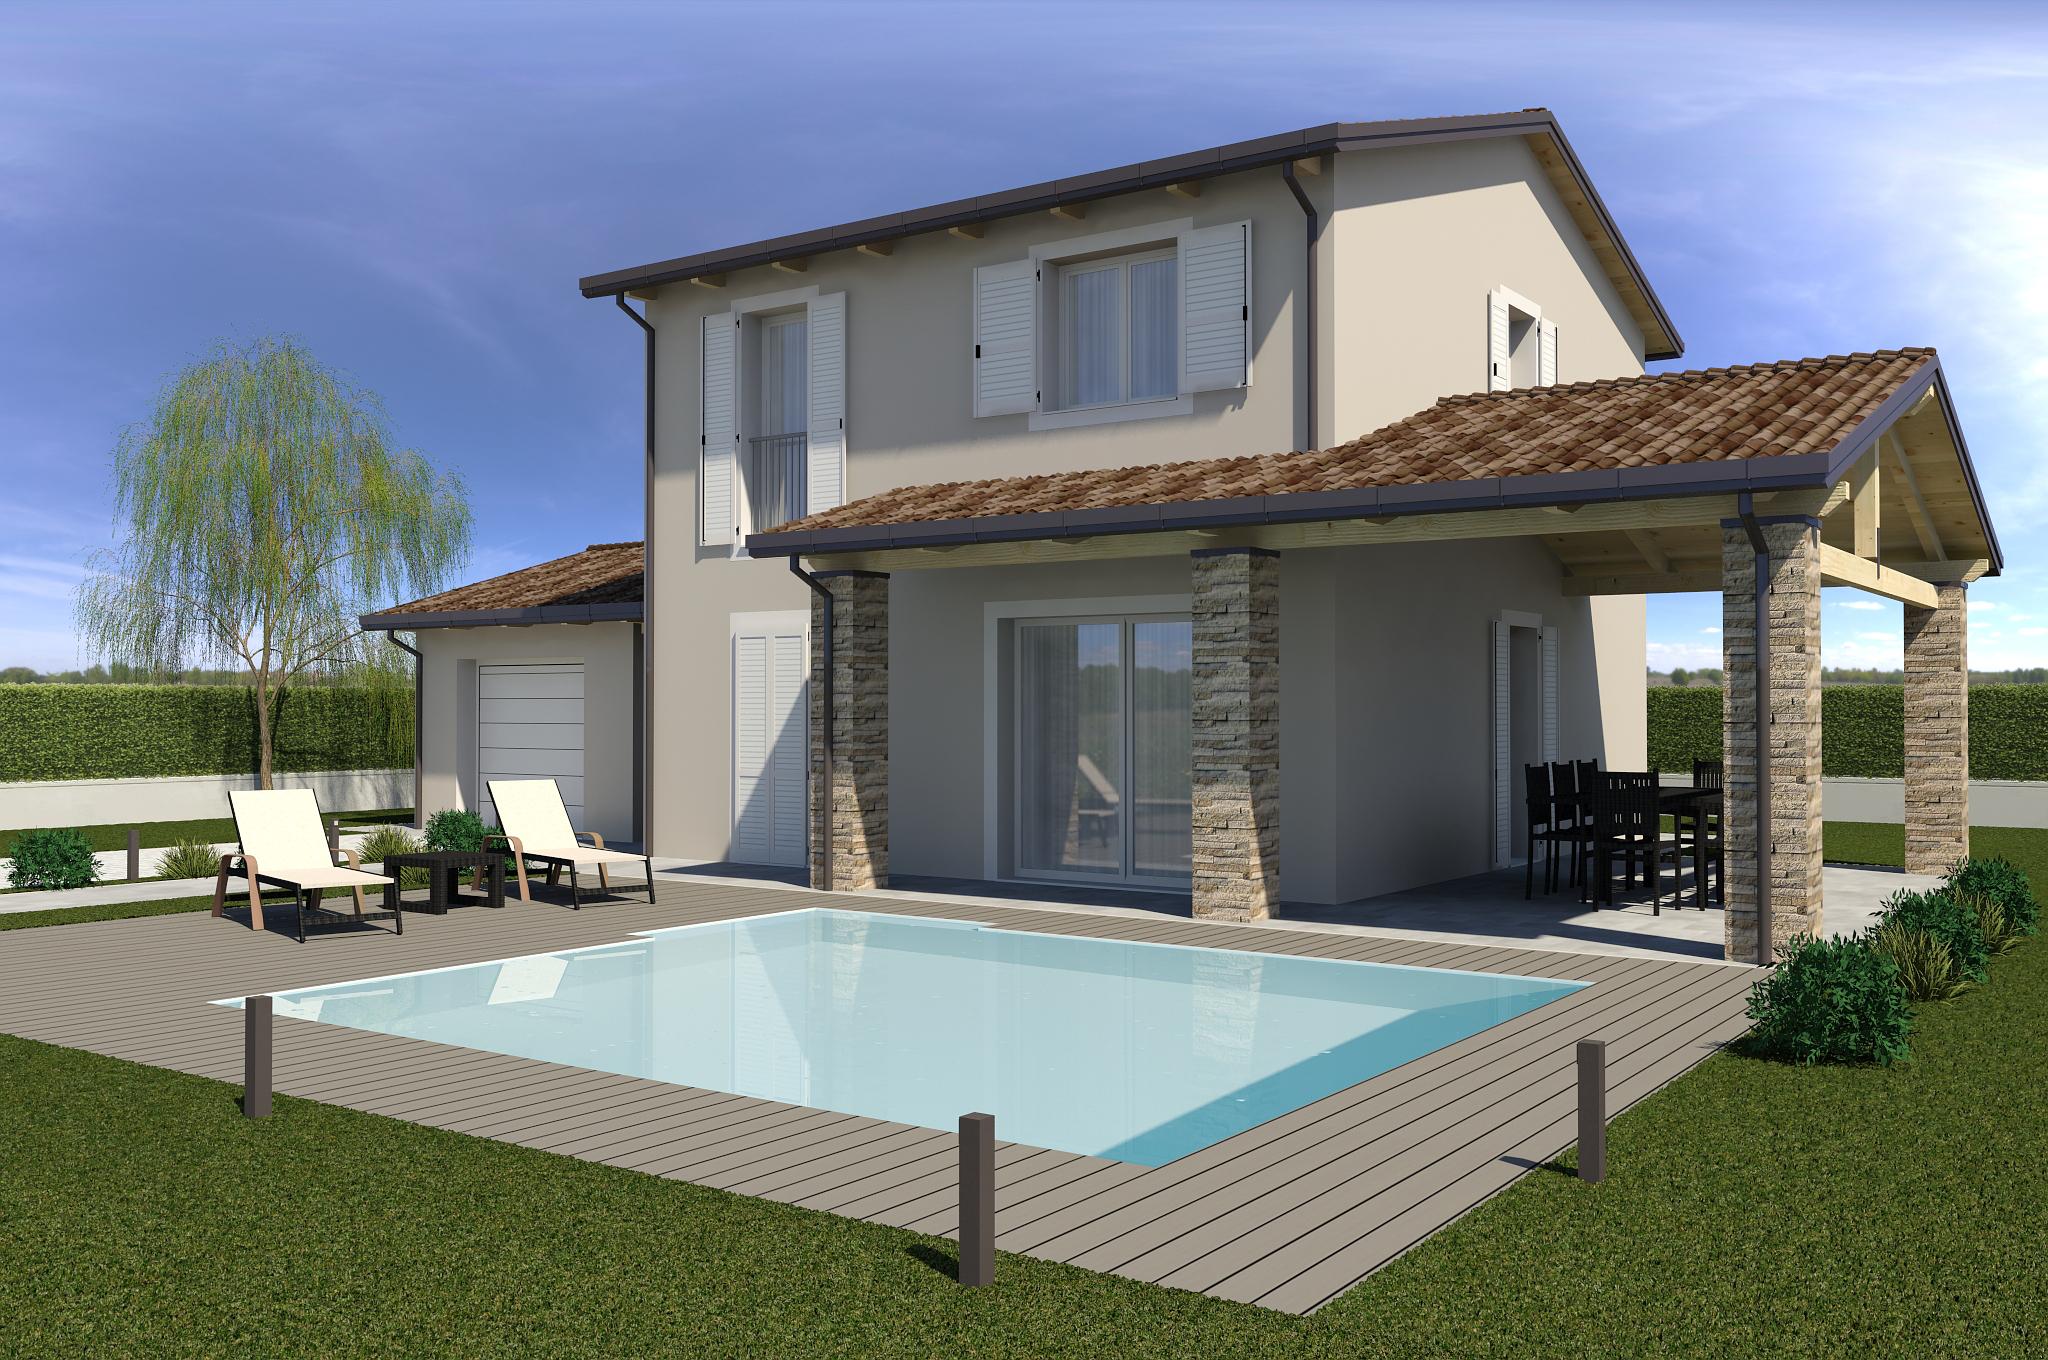 Planimetria della costruzione Casa in Legno modello ECO 195 di ECOHOUSE srl